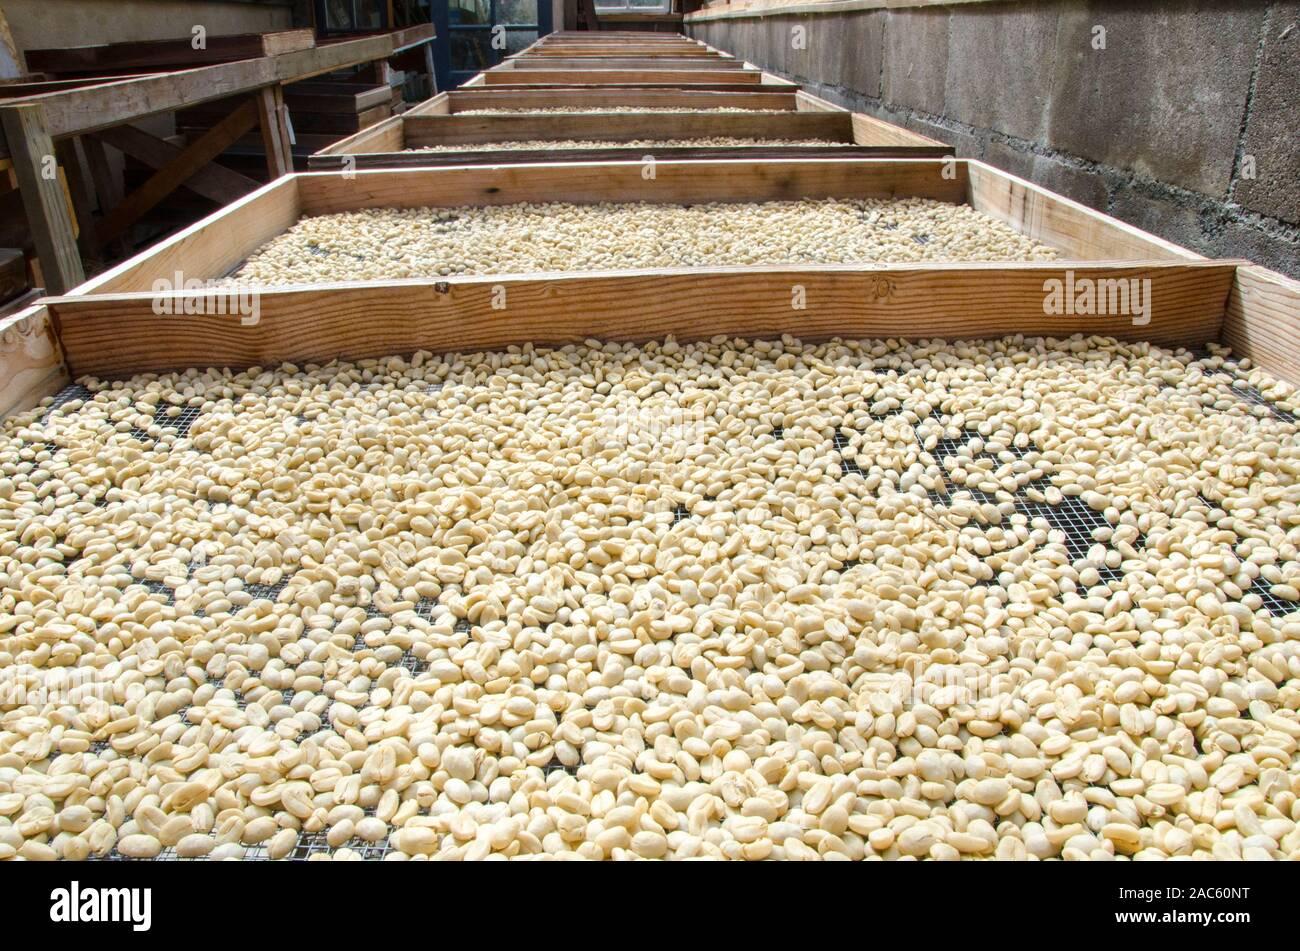 Los granos de café crudo en paletas de secado al sol, Pua'a Kea Farm, Pa'auilo, área de Hamakua, Isla Grande. Foto de stock